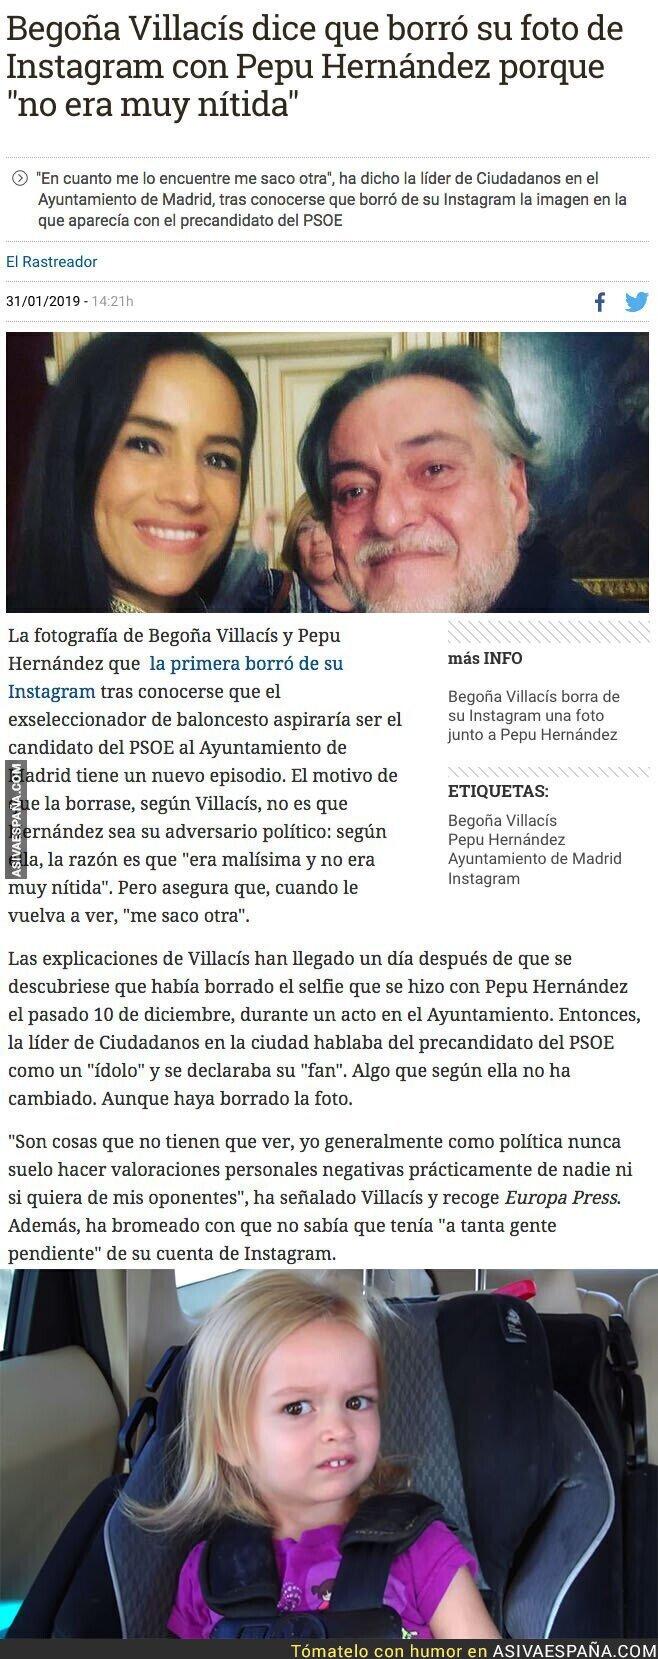 103811 - La lamentable excusa de Begoña Villacís tras borrar la foto que tenía en Instagram con Pepu Hernández